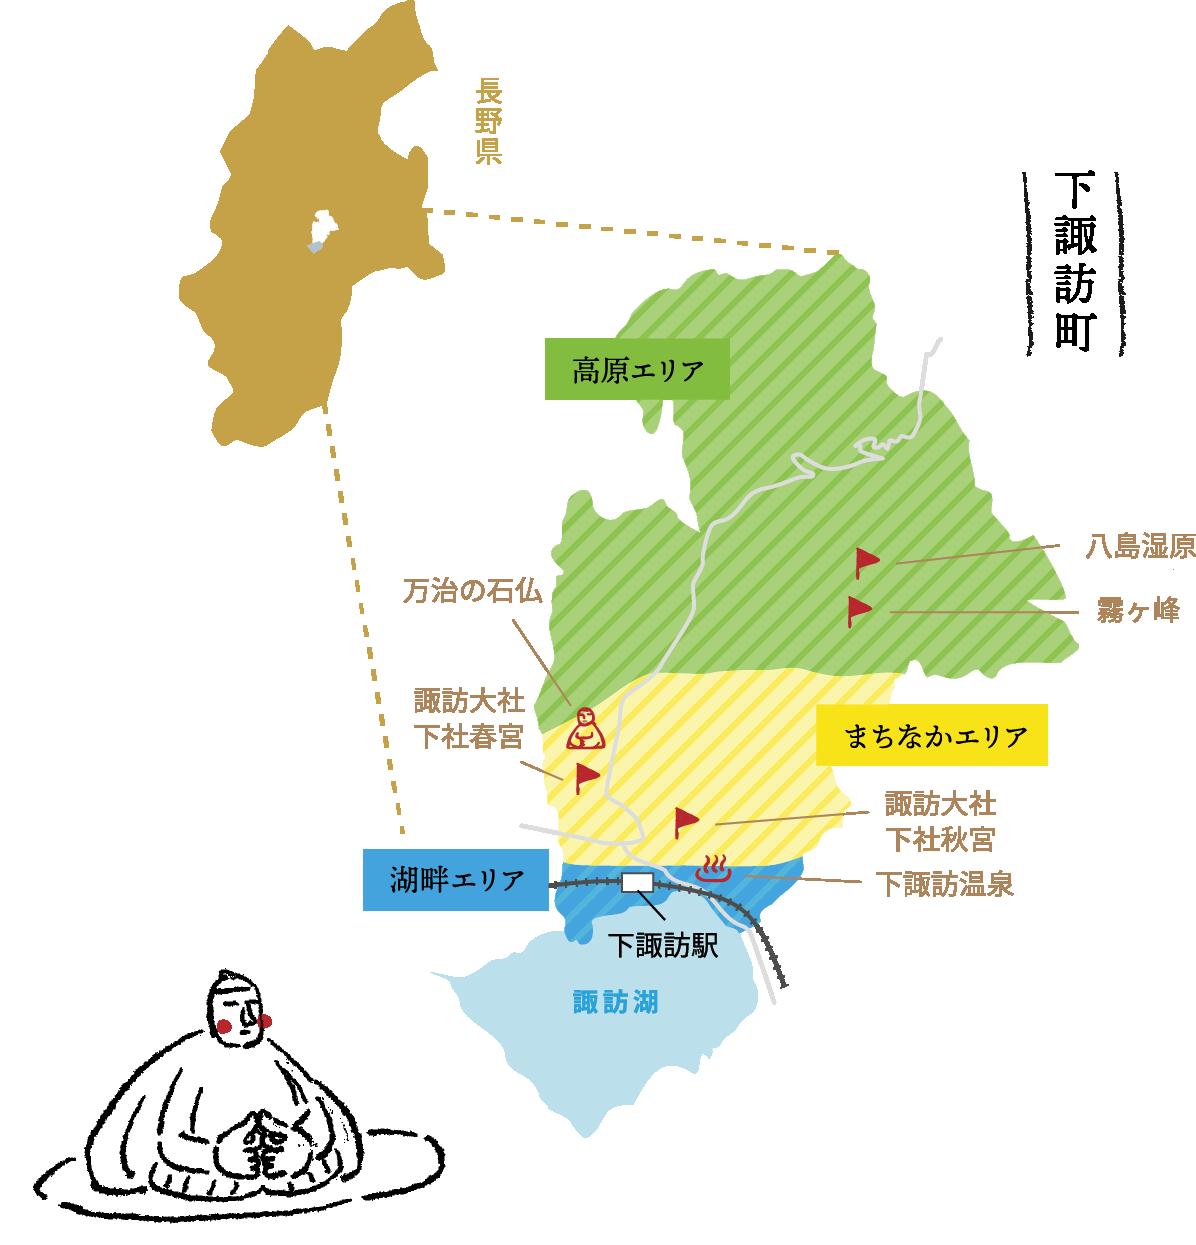 下諏訪町のマップ